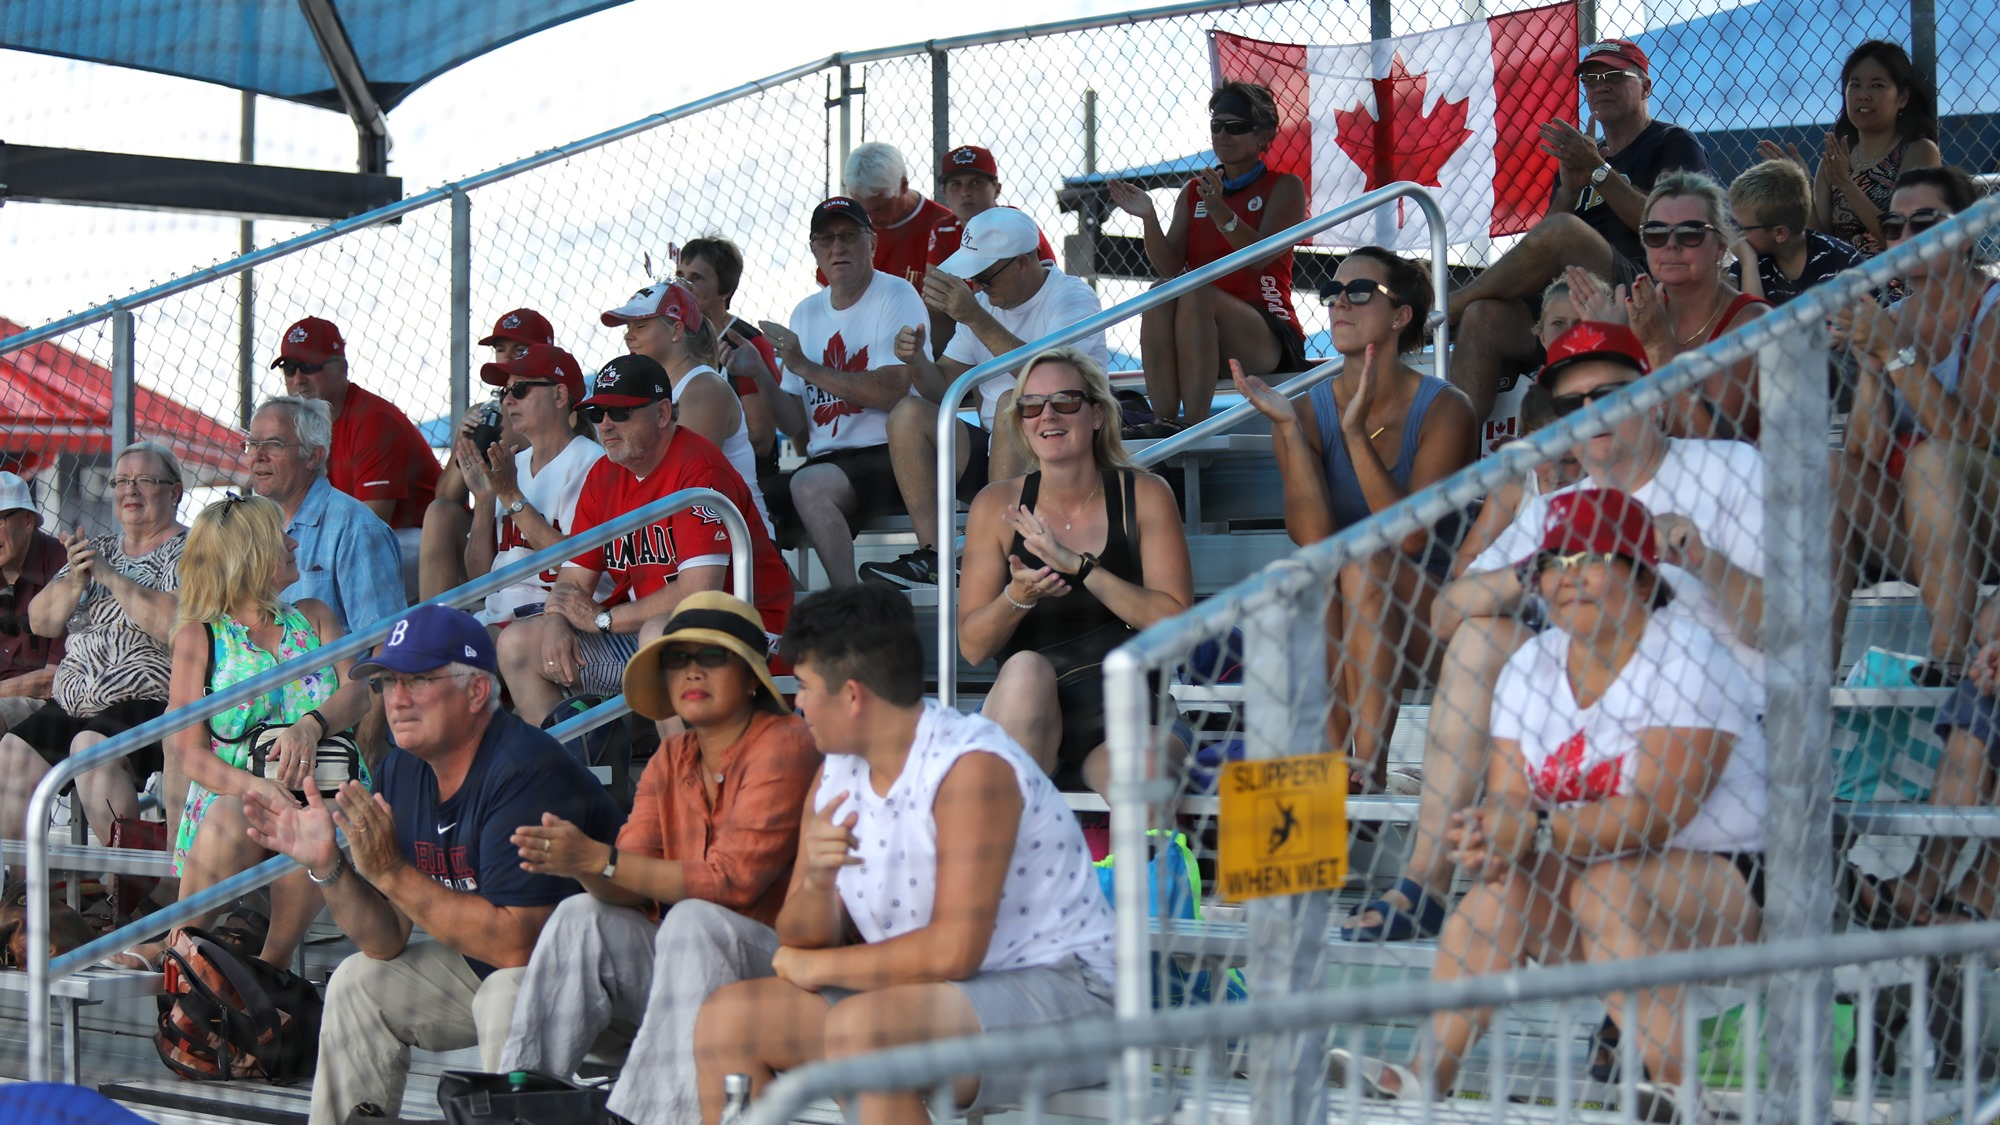 Canada fans in Viera